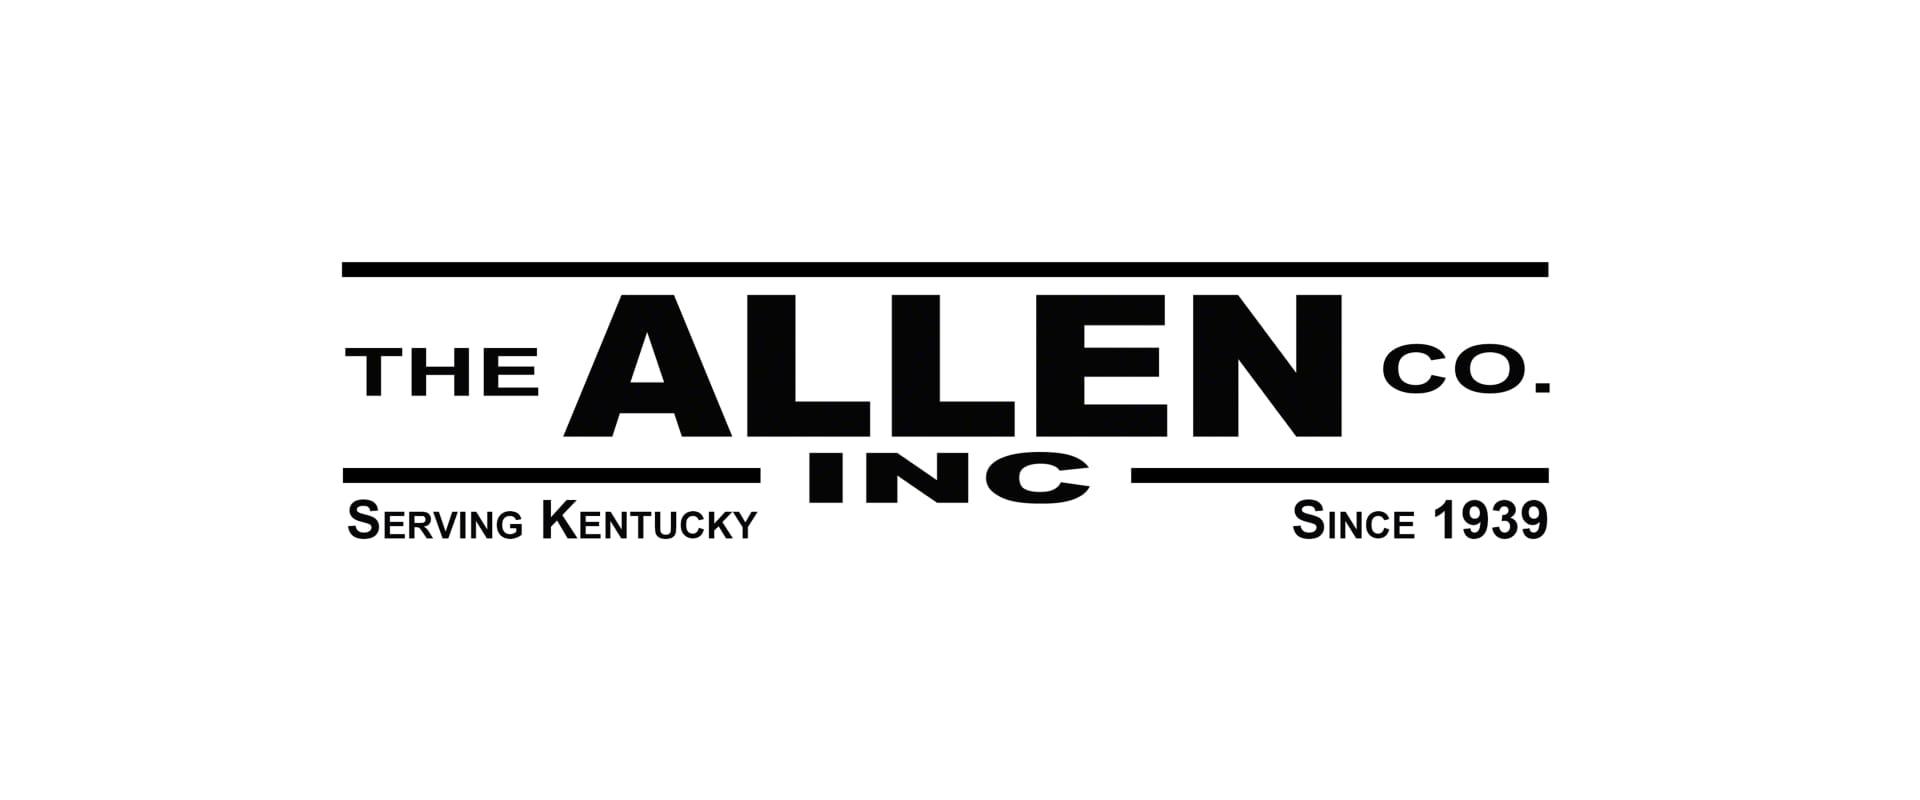 Allen-Company-w1920.jpg